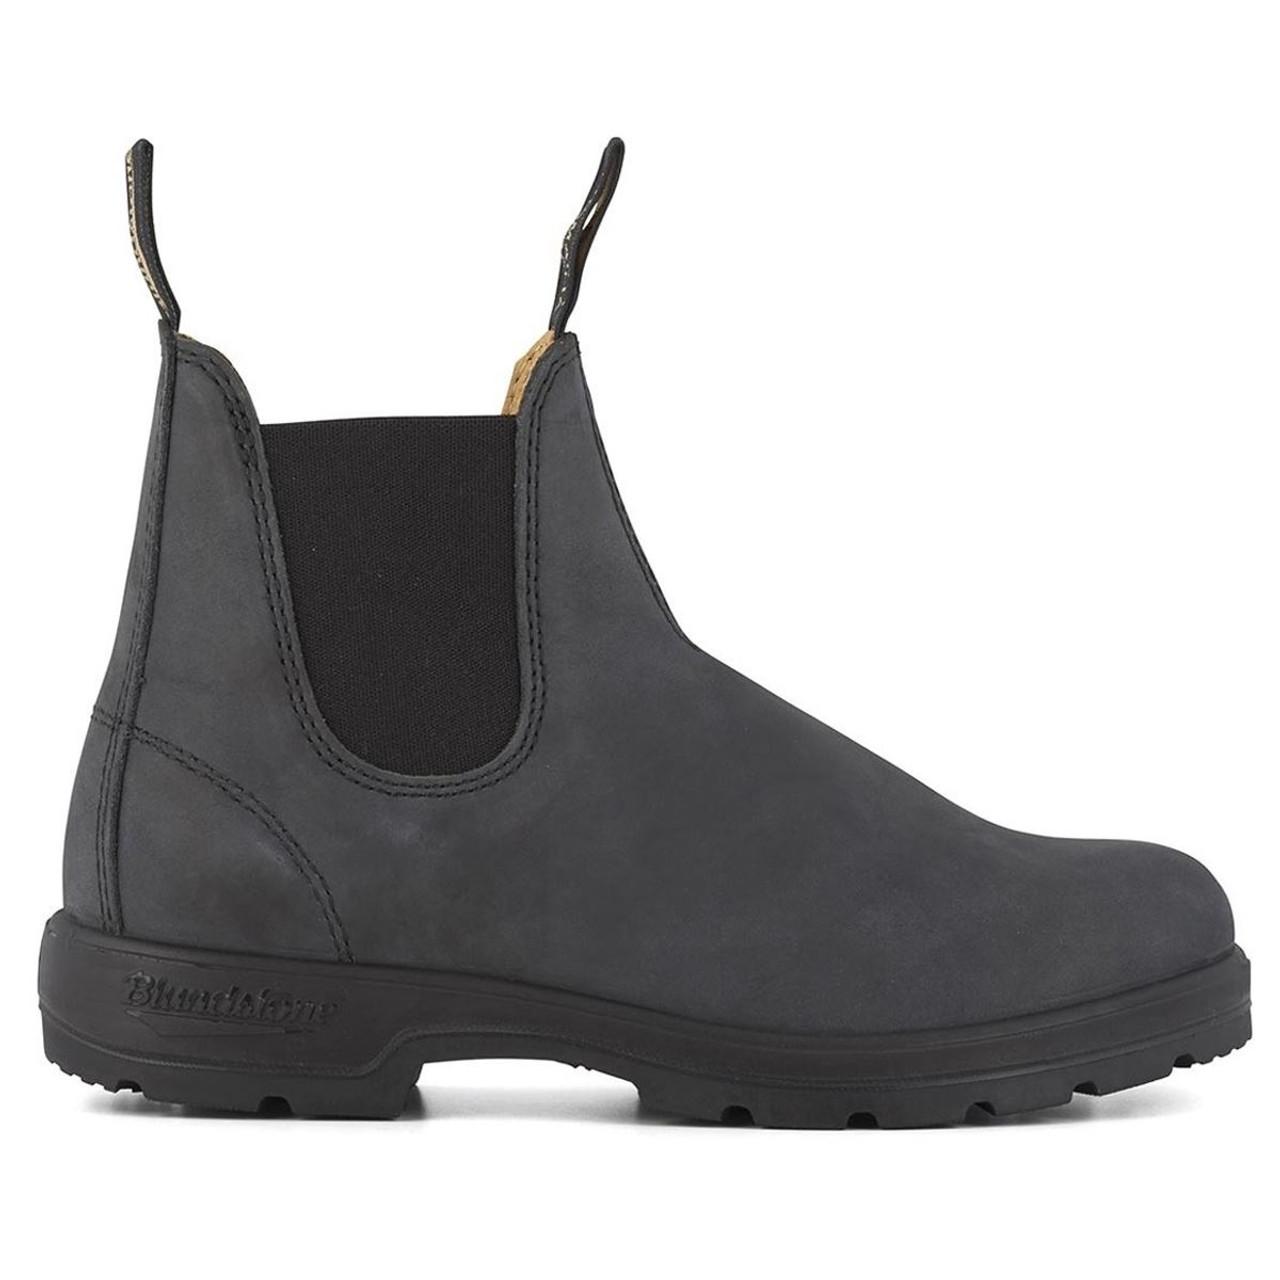 Blundstone Comfort 587 Chelsea Boots